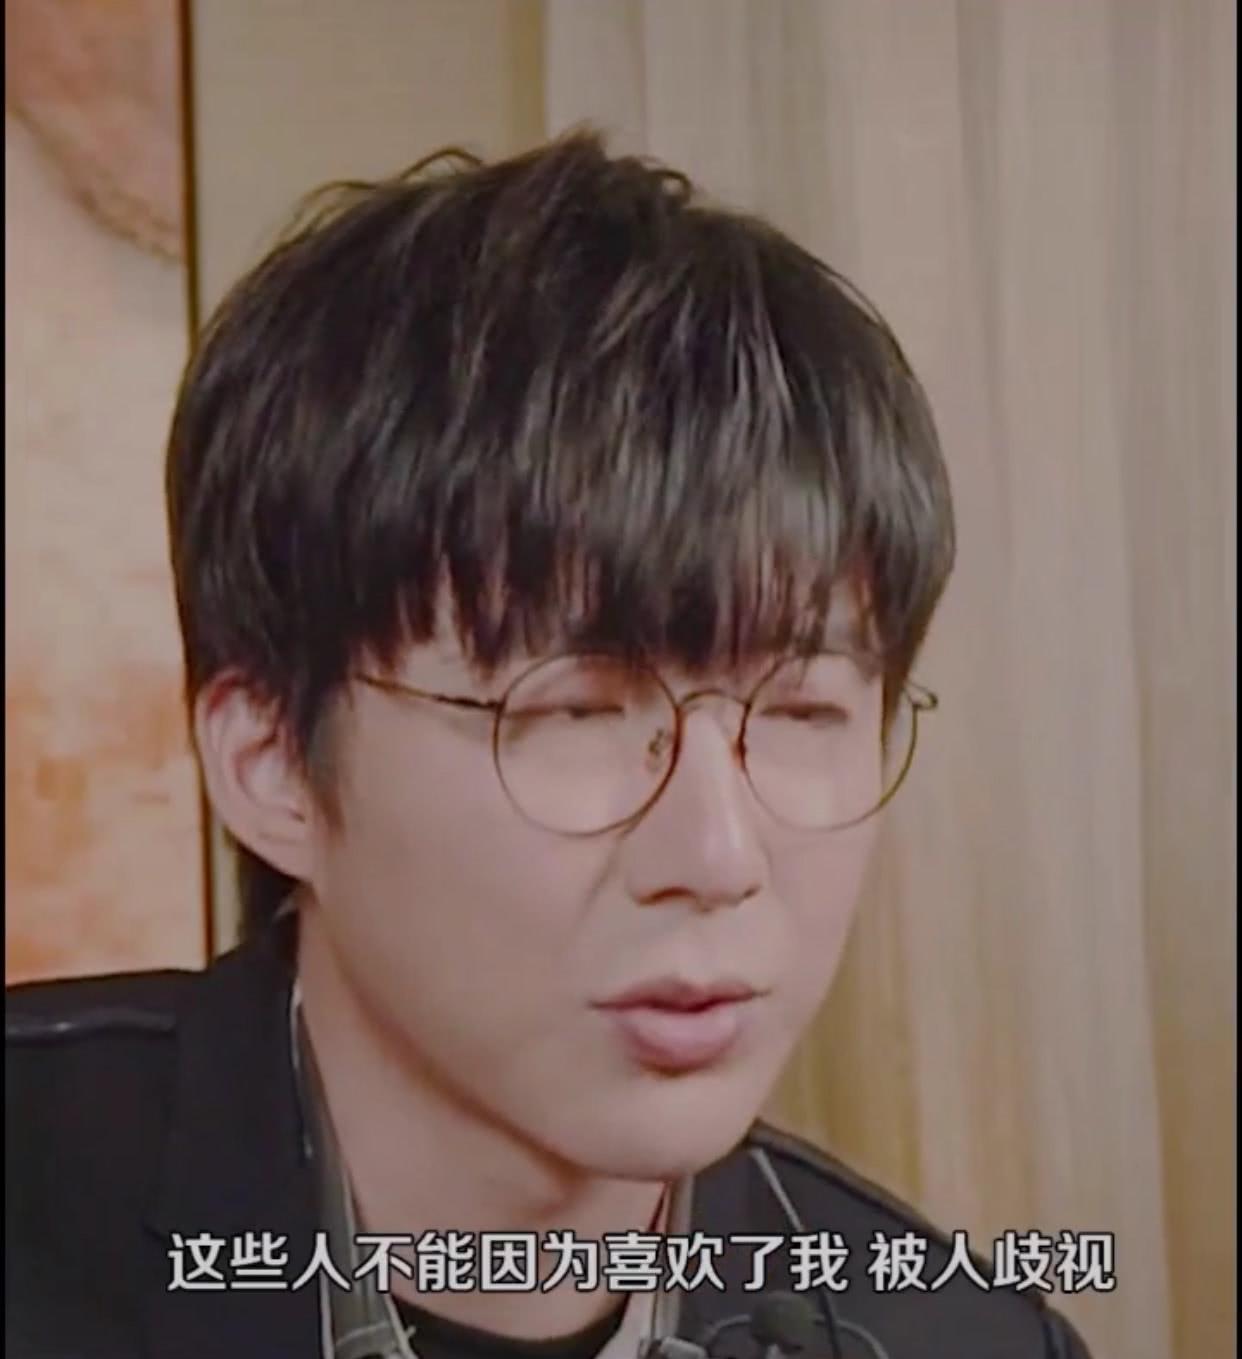 刘宇宁:我说什么都不对!喜欢我的人也会被歧视!到底是为什么?